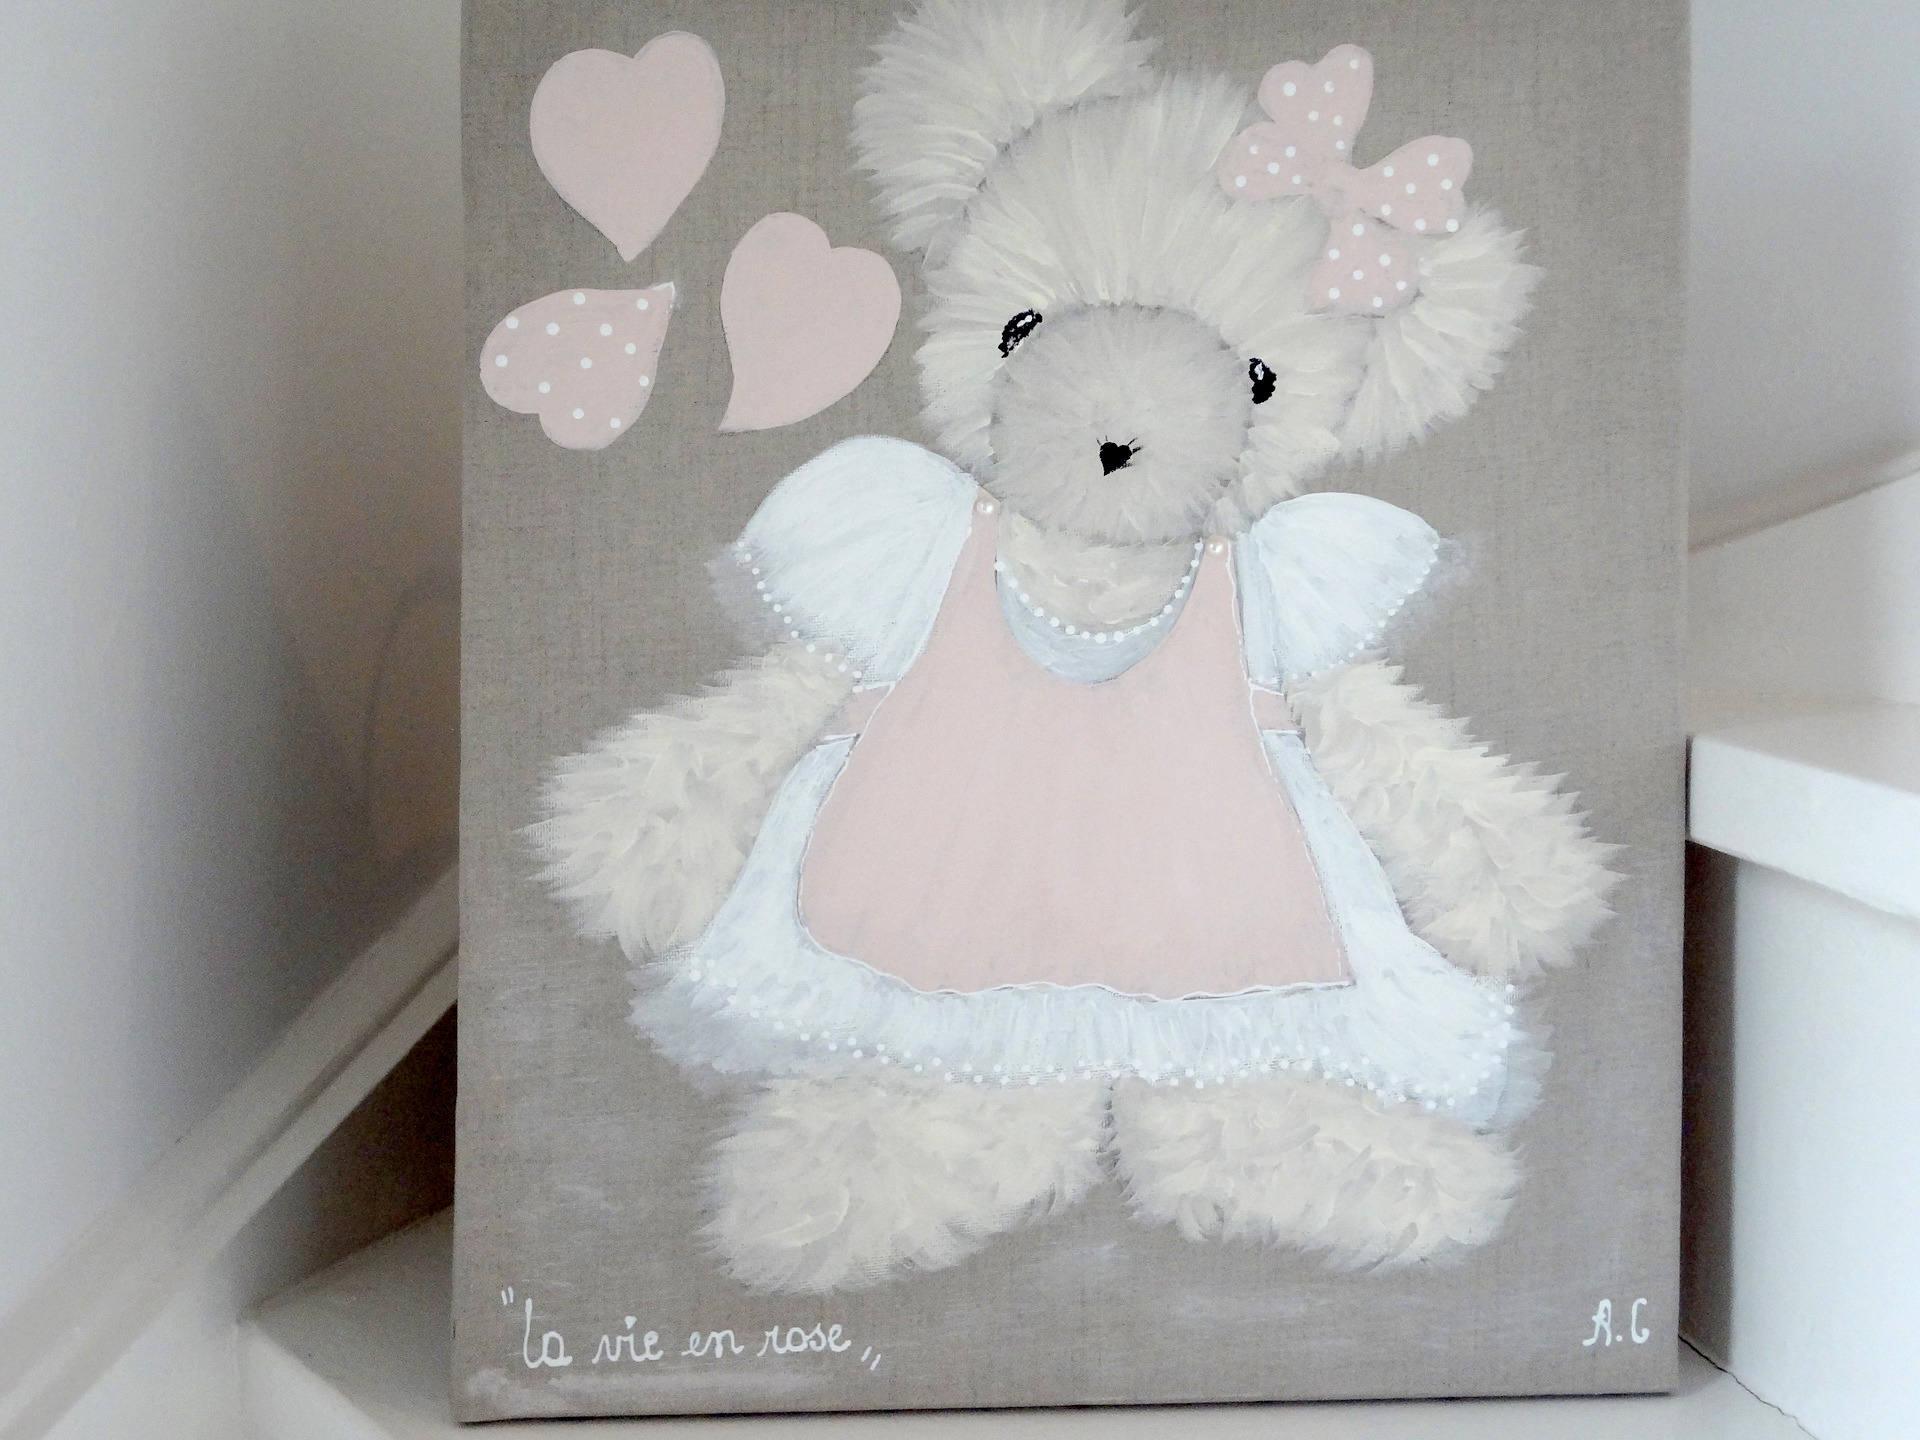 Tableau Peinture Pour Petite Fille : tableau ourson peinture pour chambre de petite fille ~ Nature-et-papiers.com Idées de Décoration